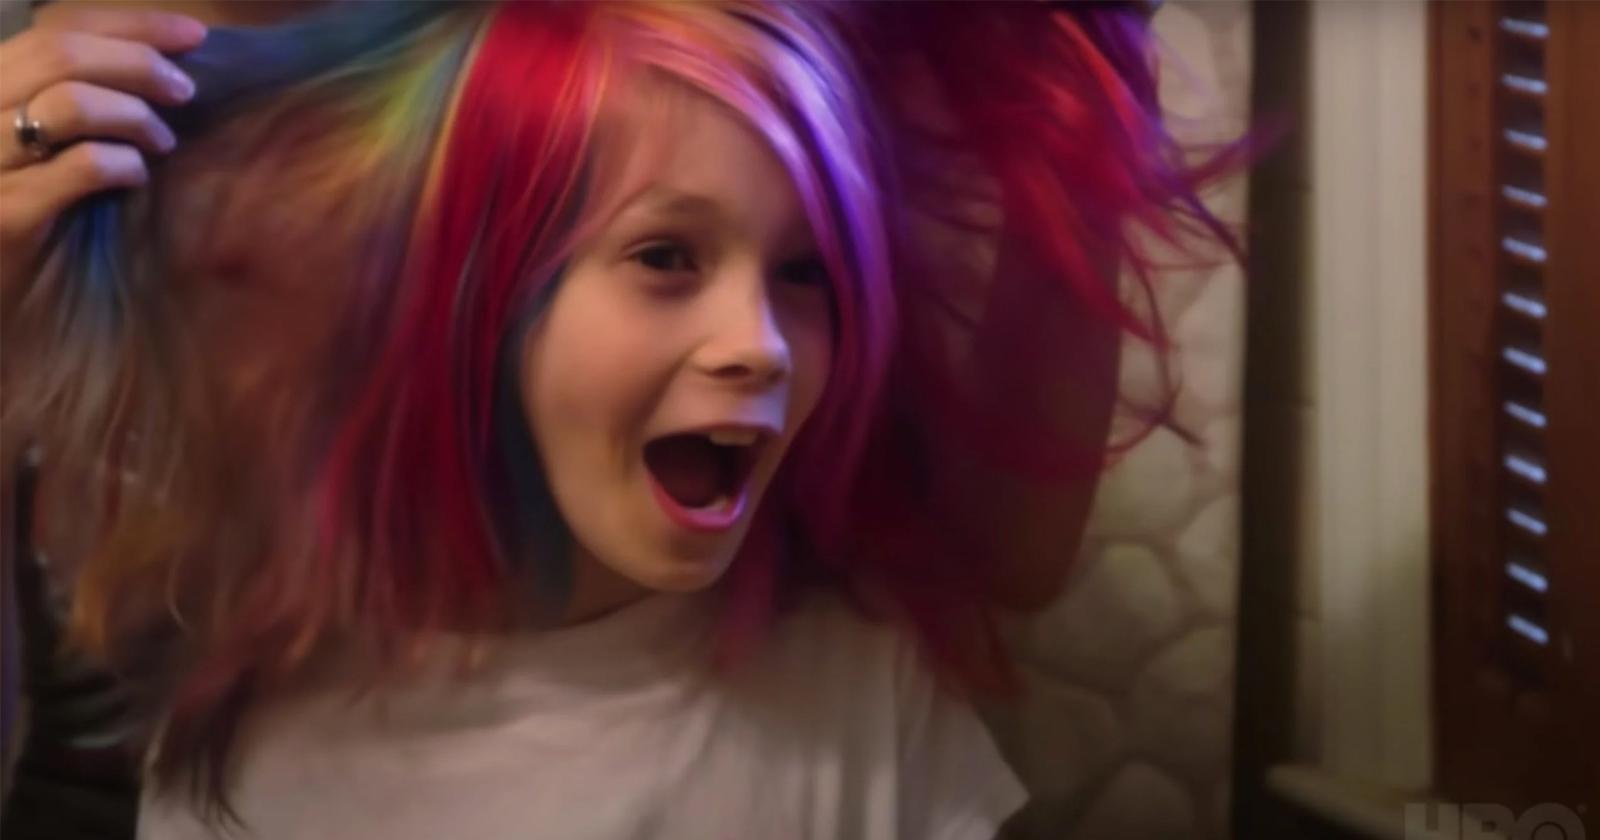 Avery con el pelo multicolor.